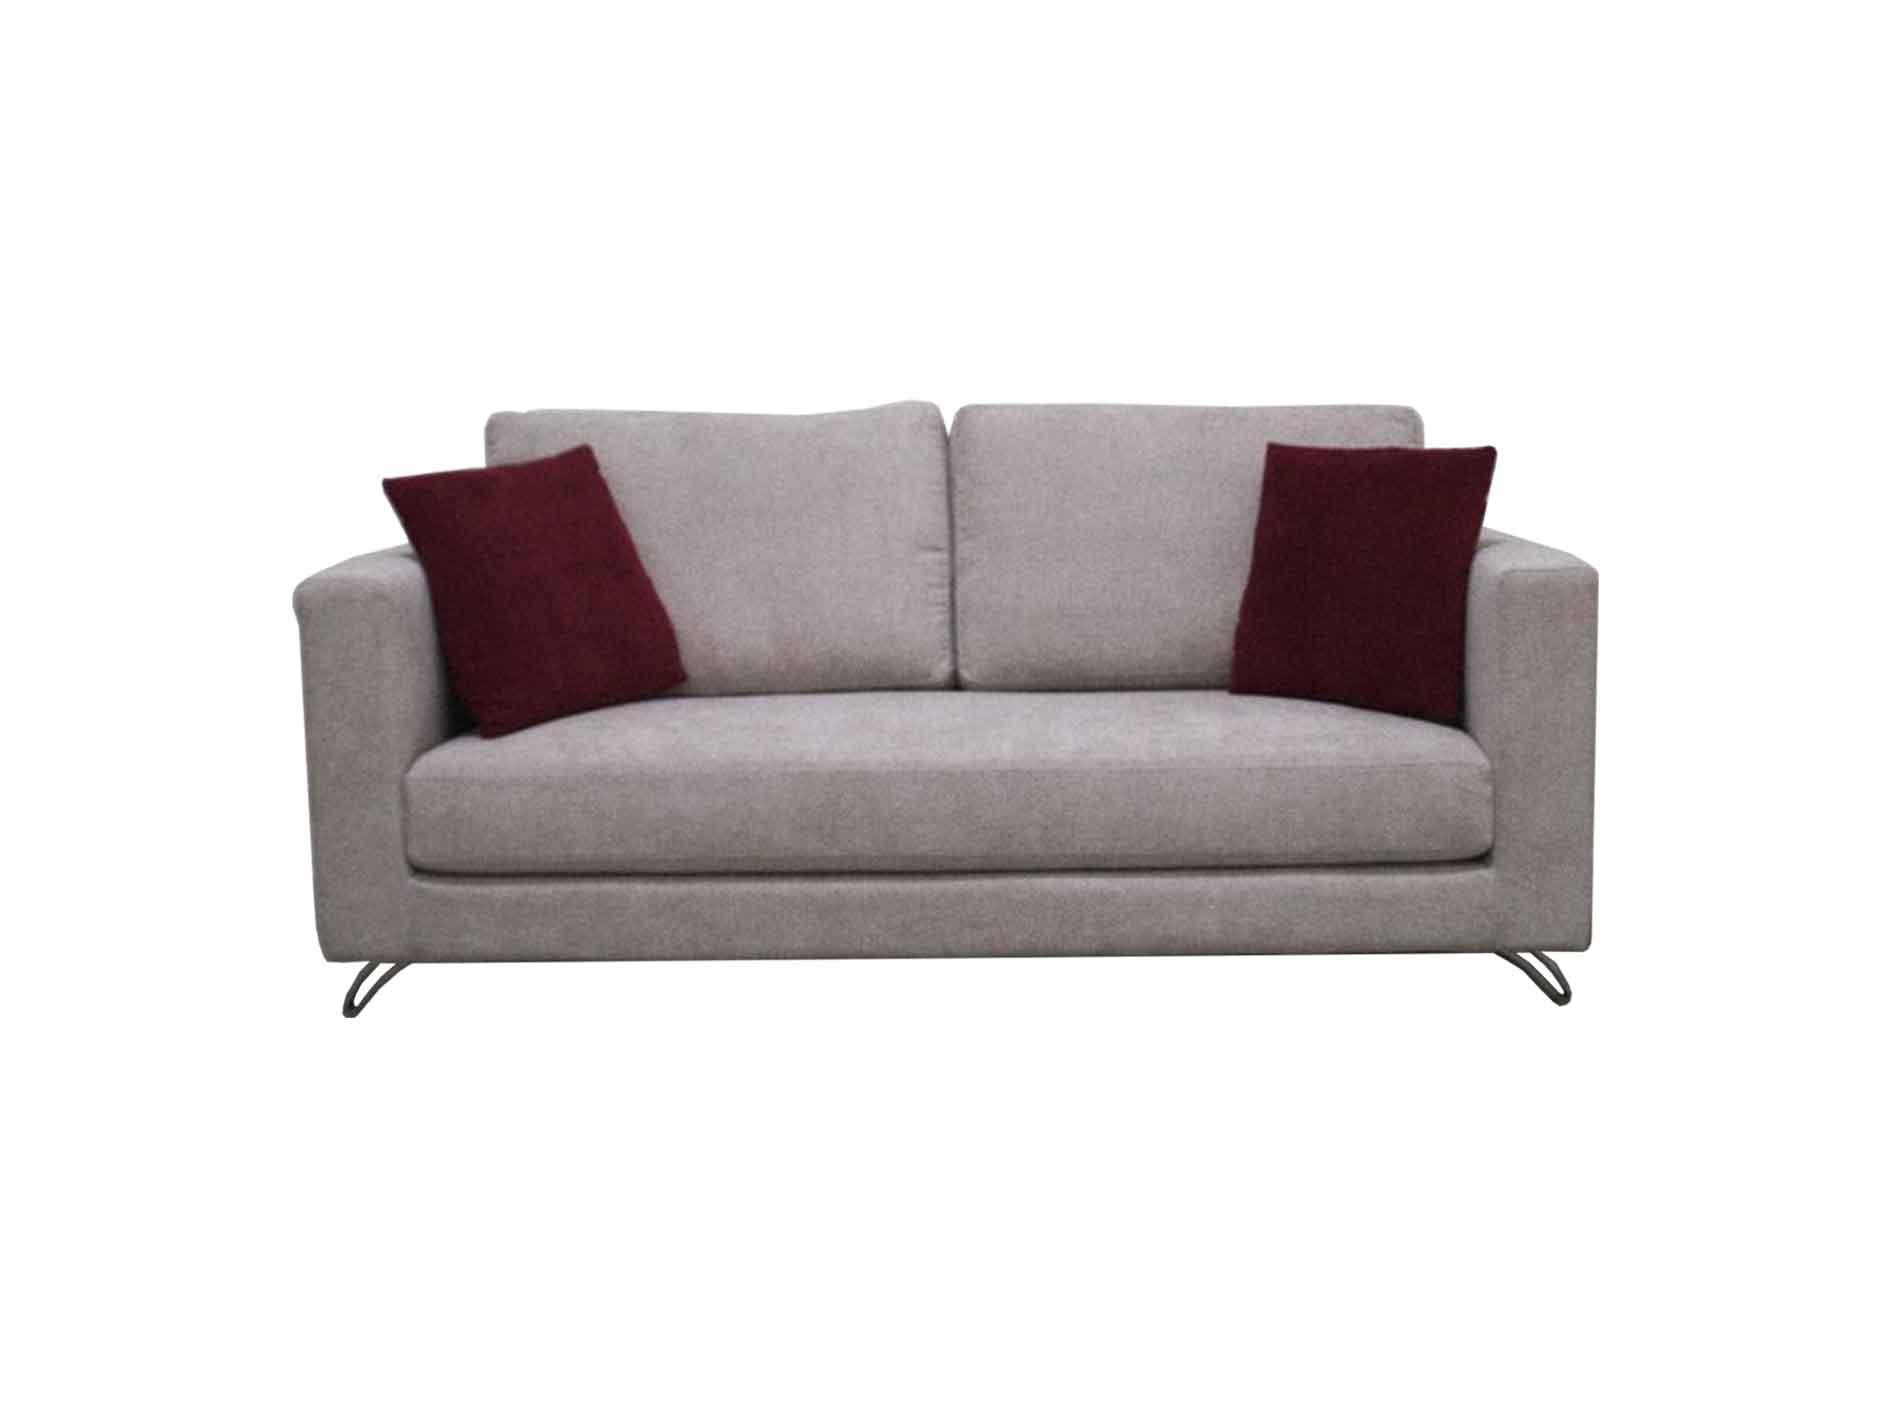 Valerio Designer Italian Fabric Sofa Saluto 3 Seater